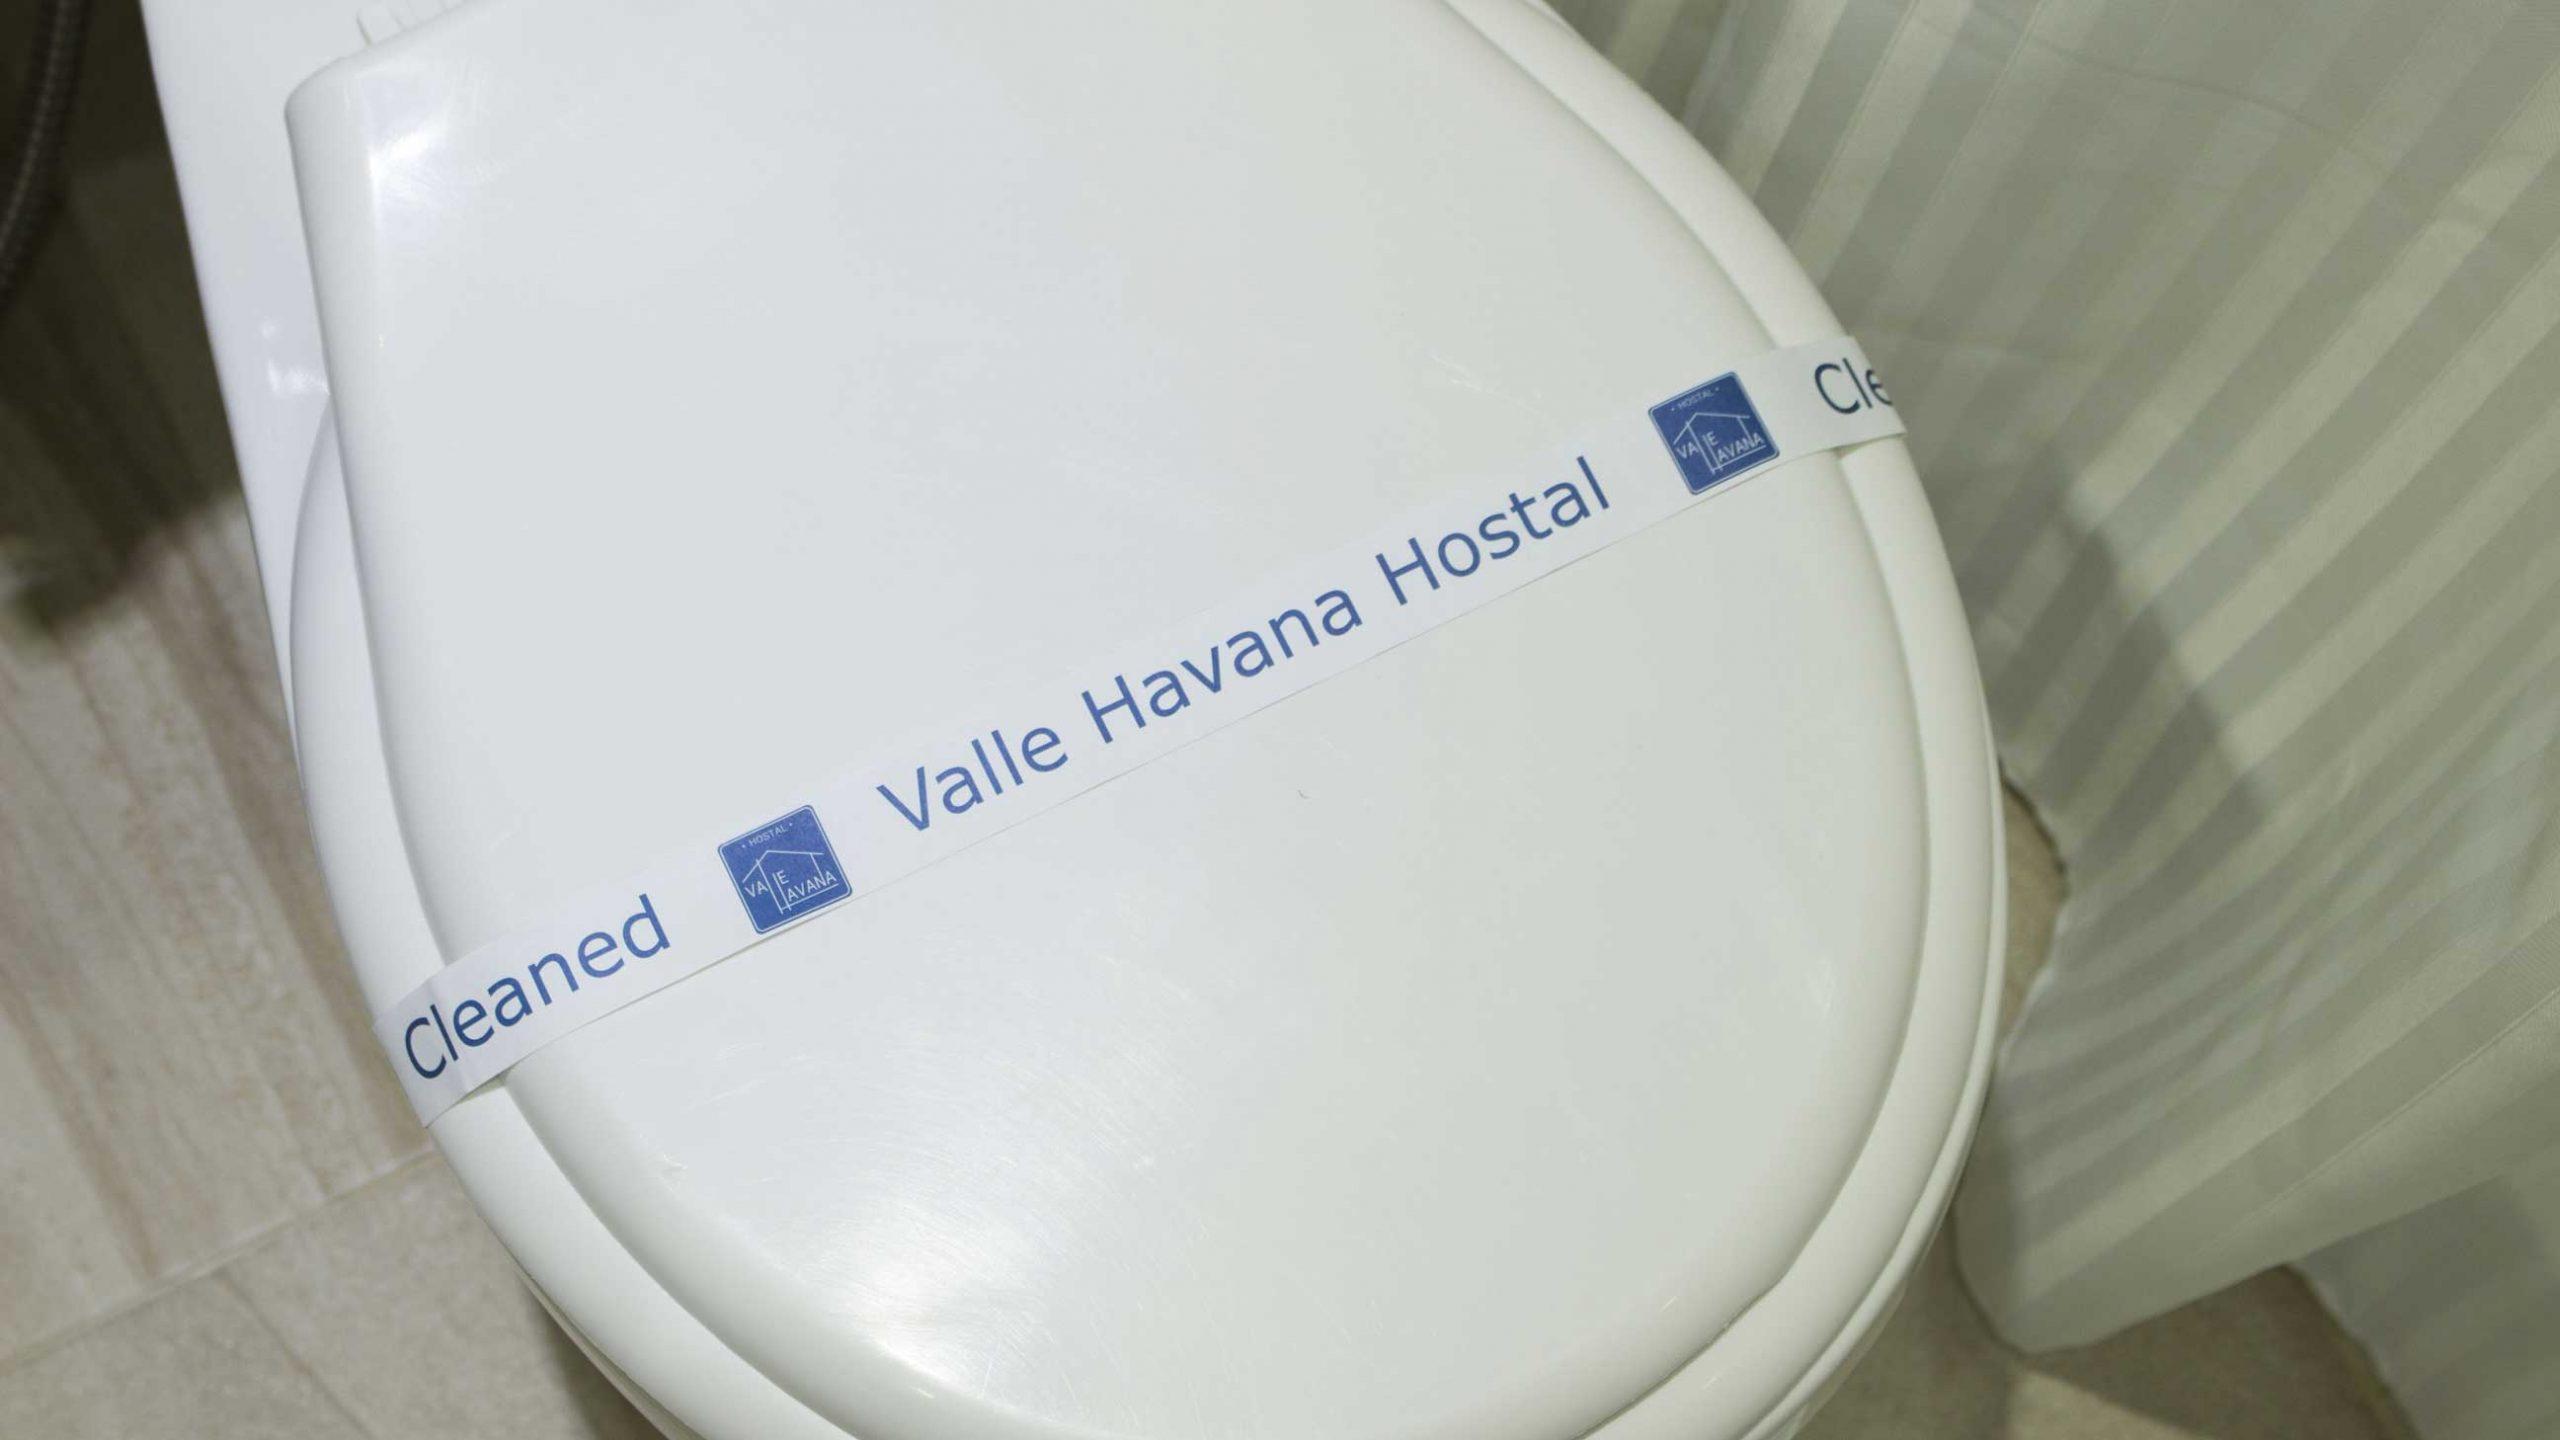 Valle Habana4